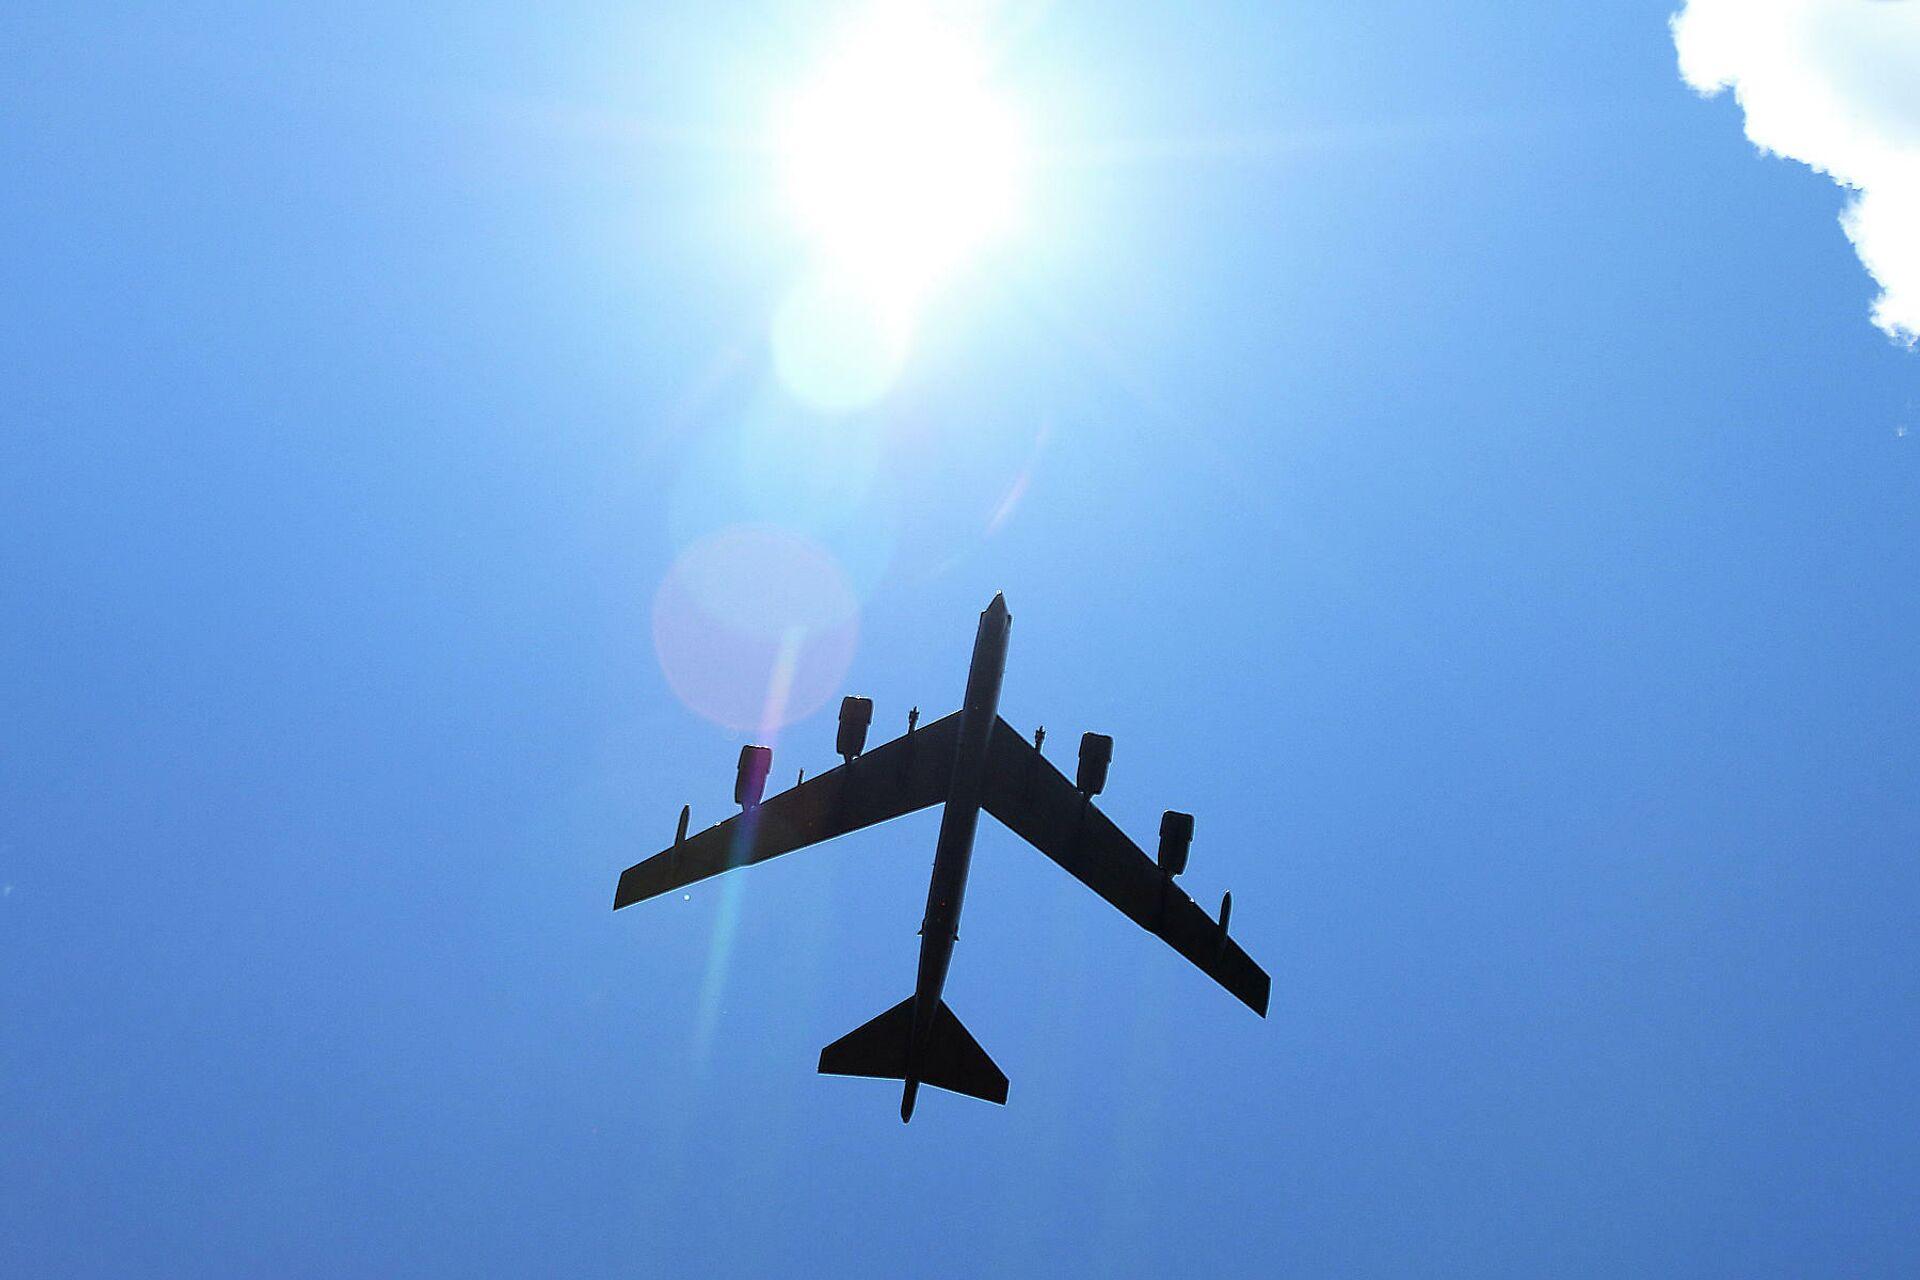 Стратегический американский бомбардировщик Boeing B-52 Stratofortress - РИА Новости, 1920, 01.03.2021